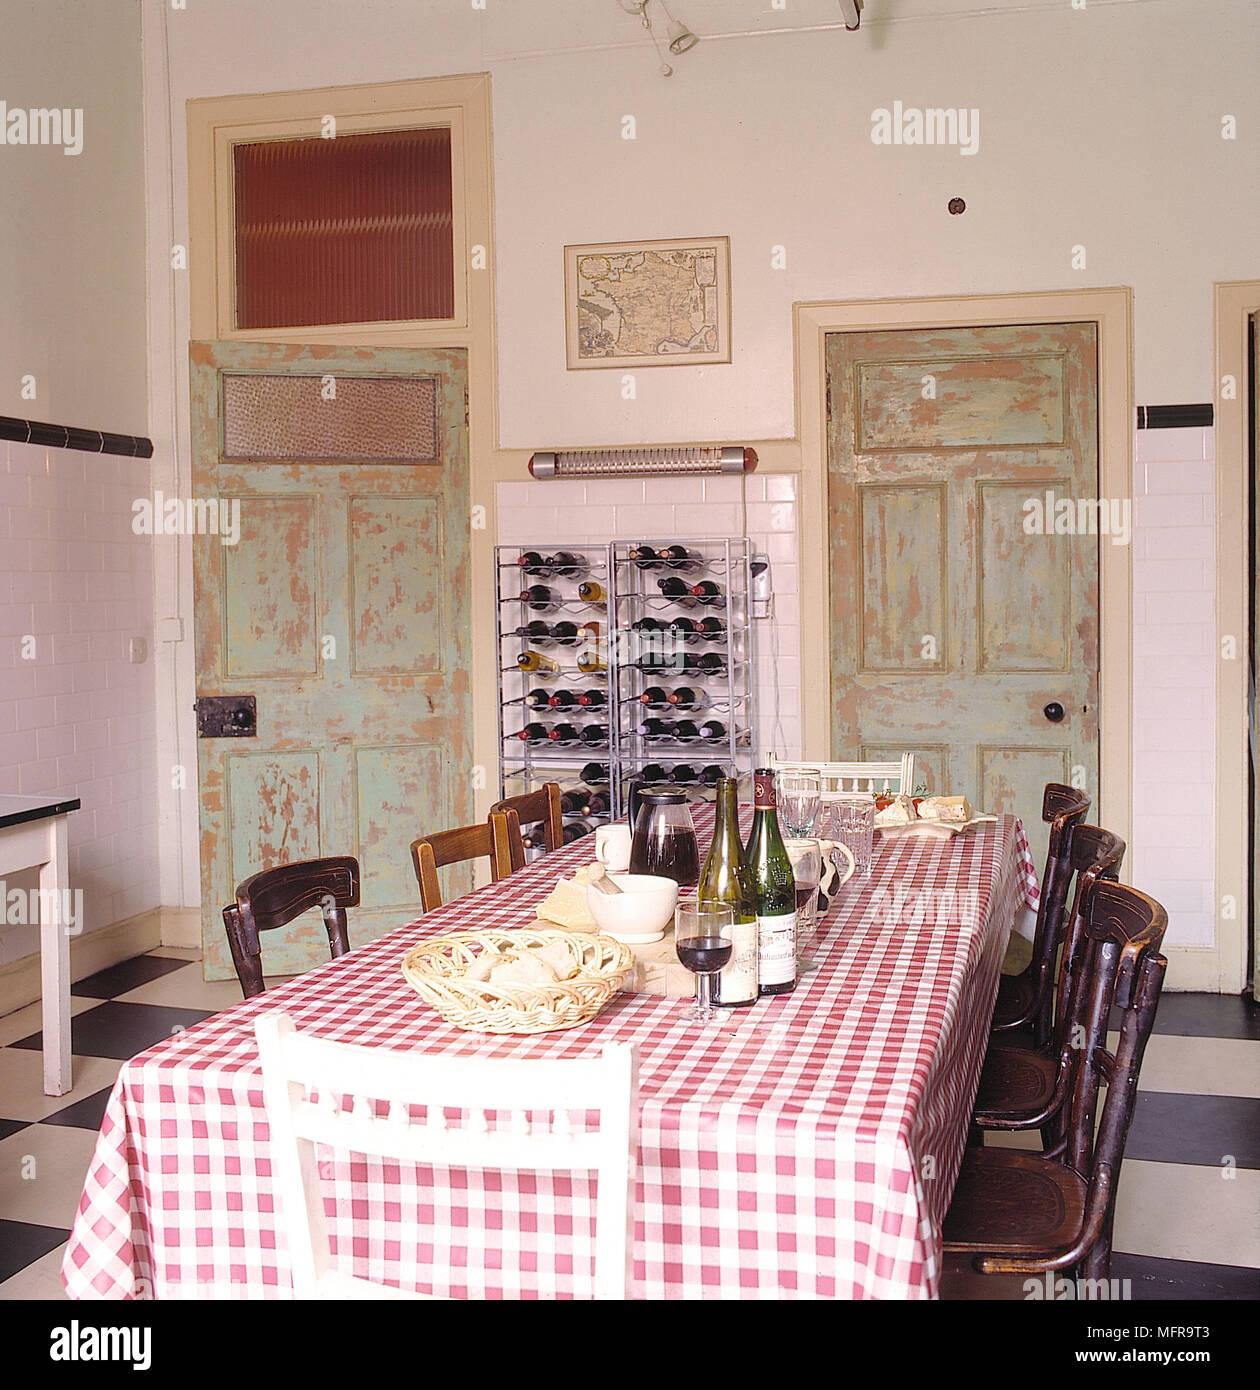 Cucina pareti bianche piastrelle ceramiche lungo tavolo sedie vino ...